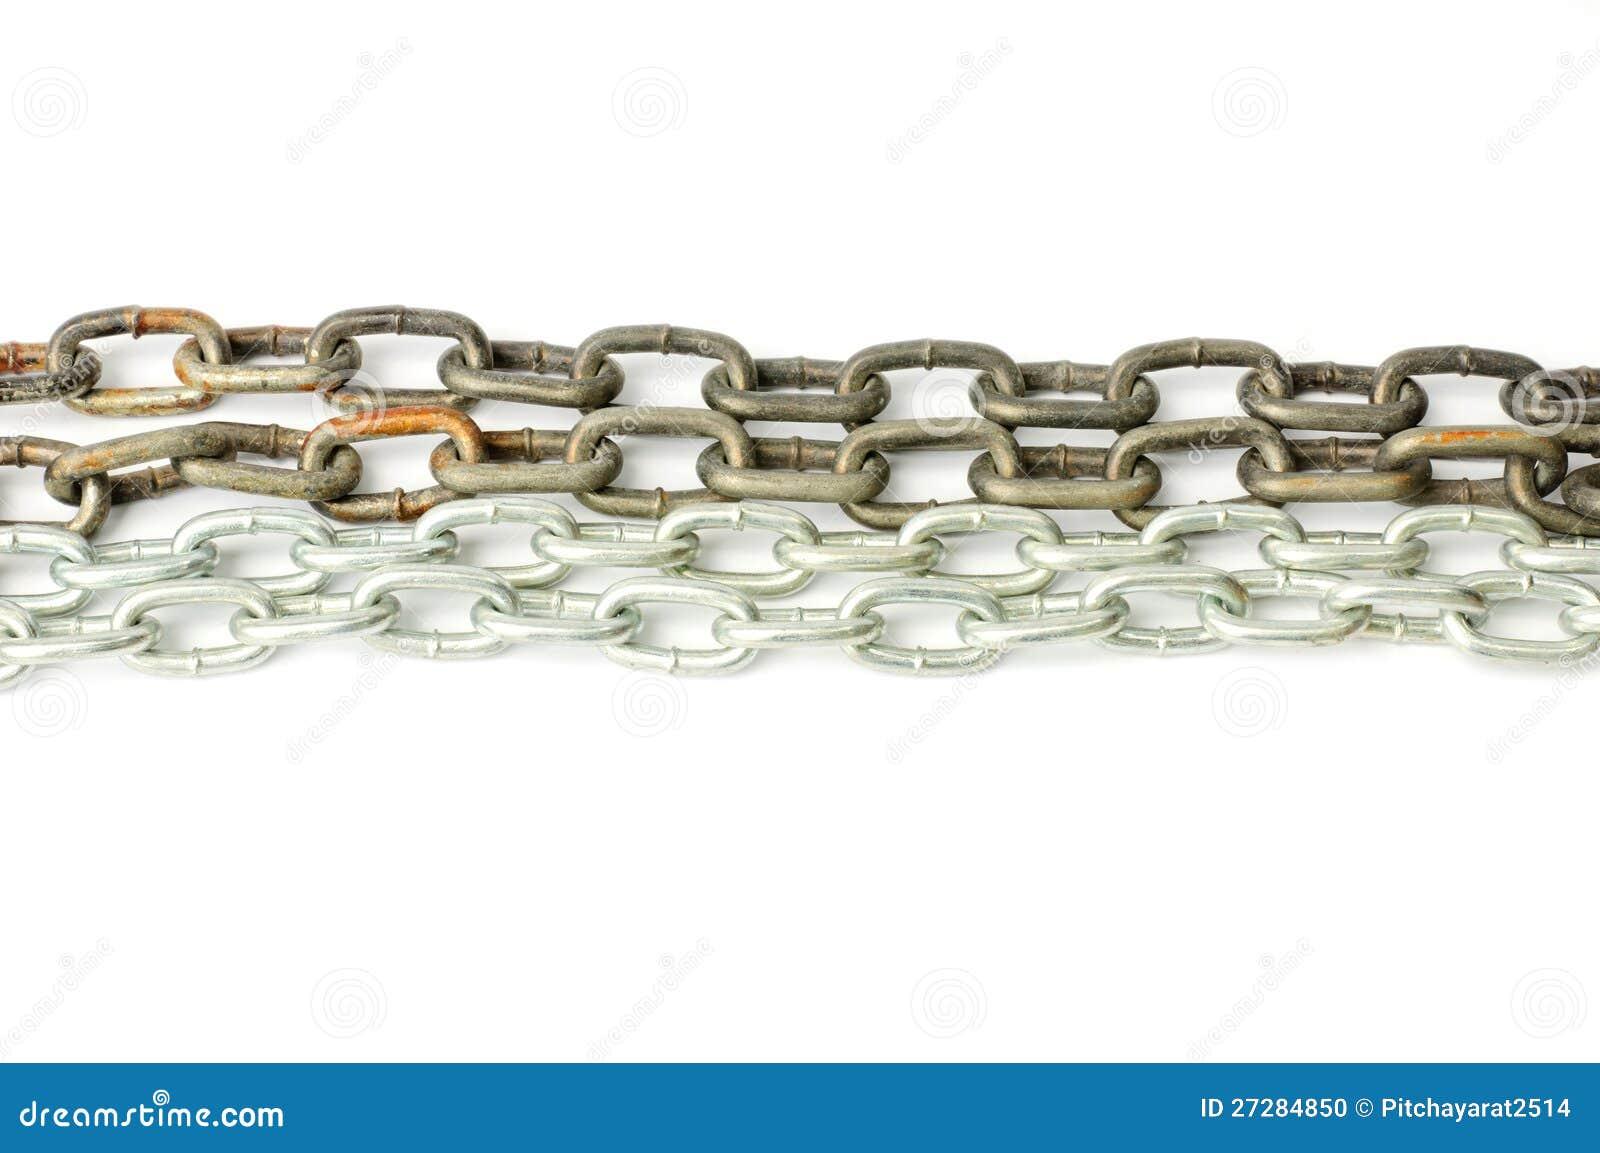 Chain bakgrund för metall